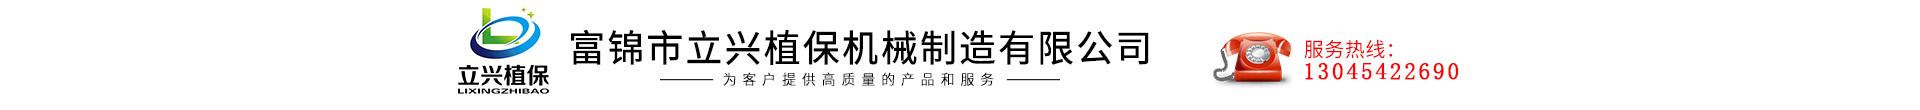 富錦市立興植保機械製造有限公司